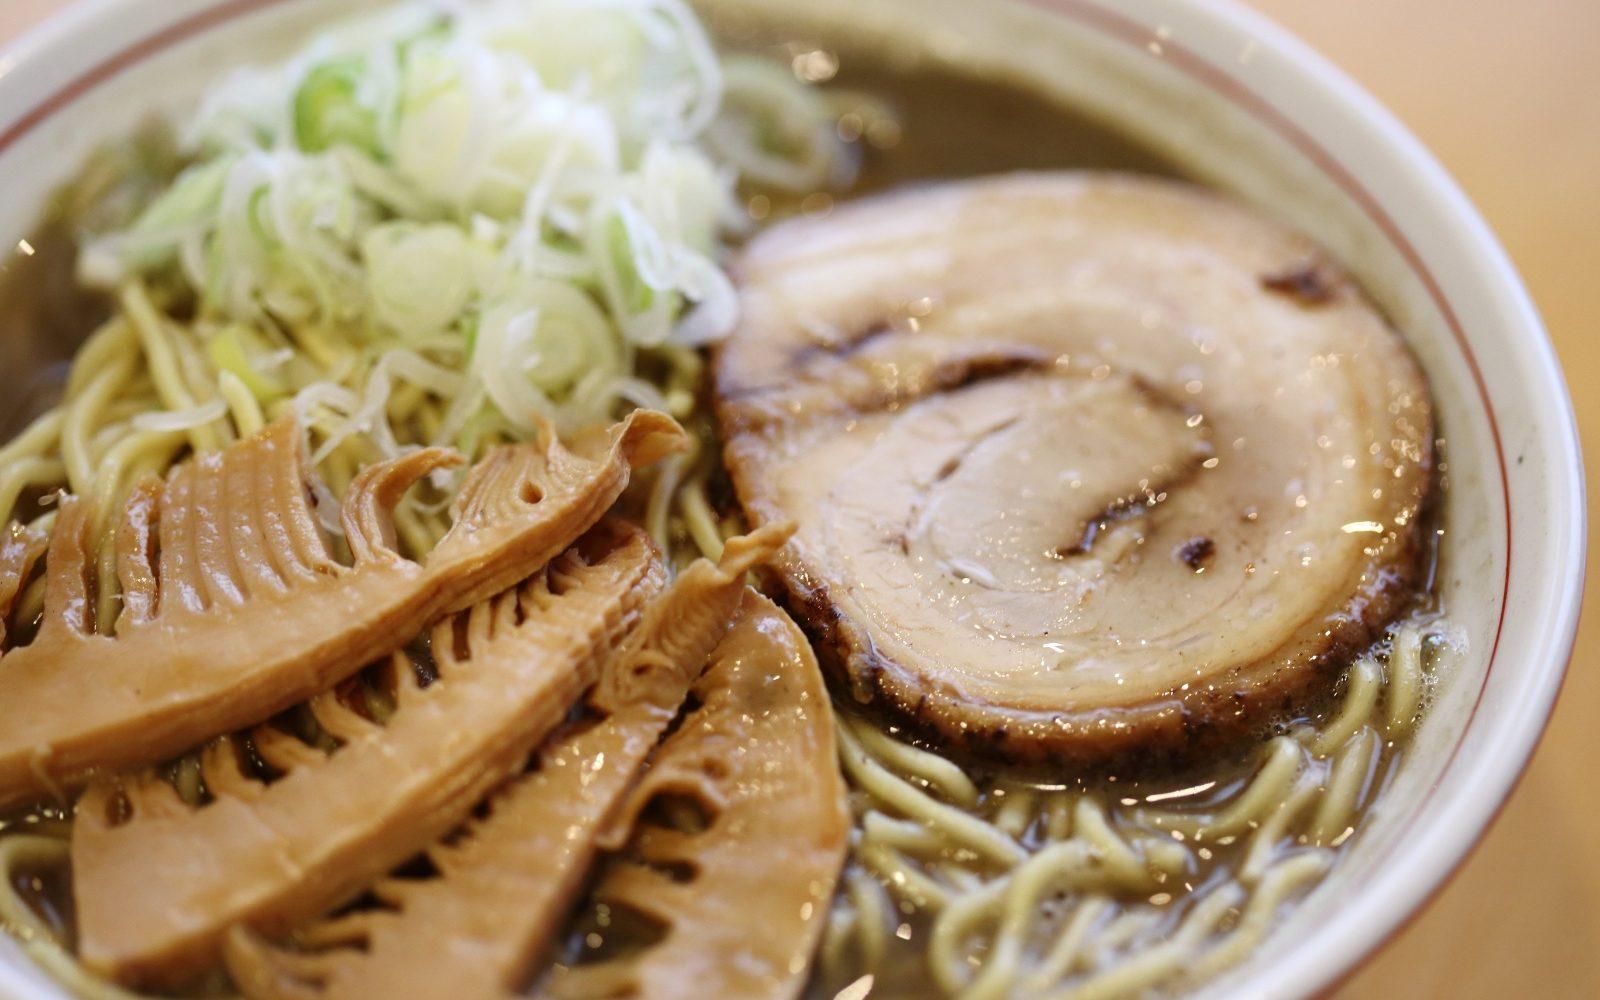 おしゃれな空間で中華と和・洋が融合したお料理が楽しめるお店